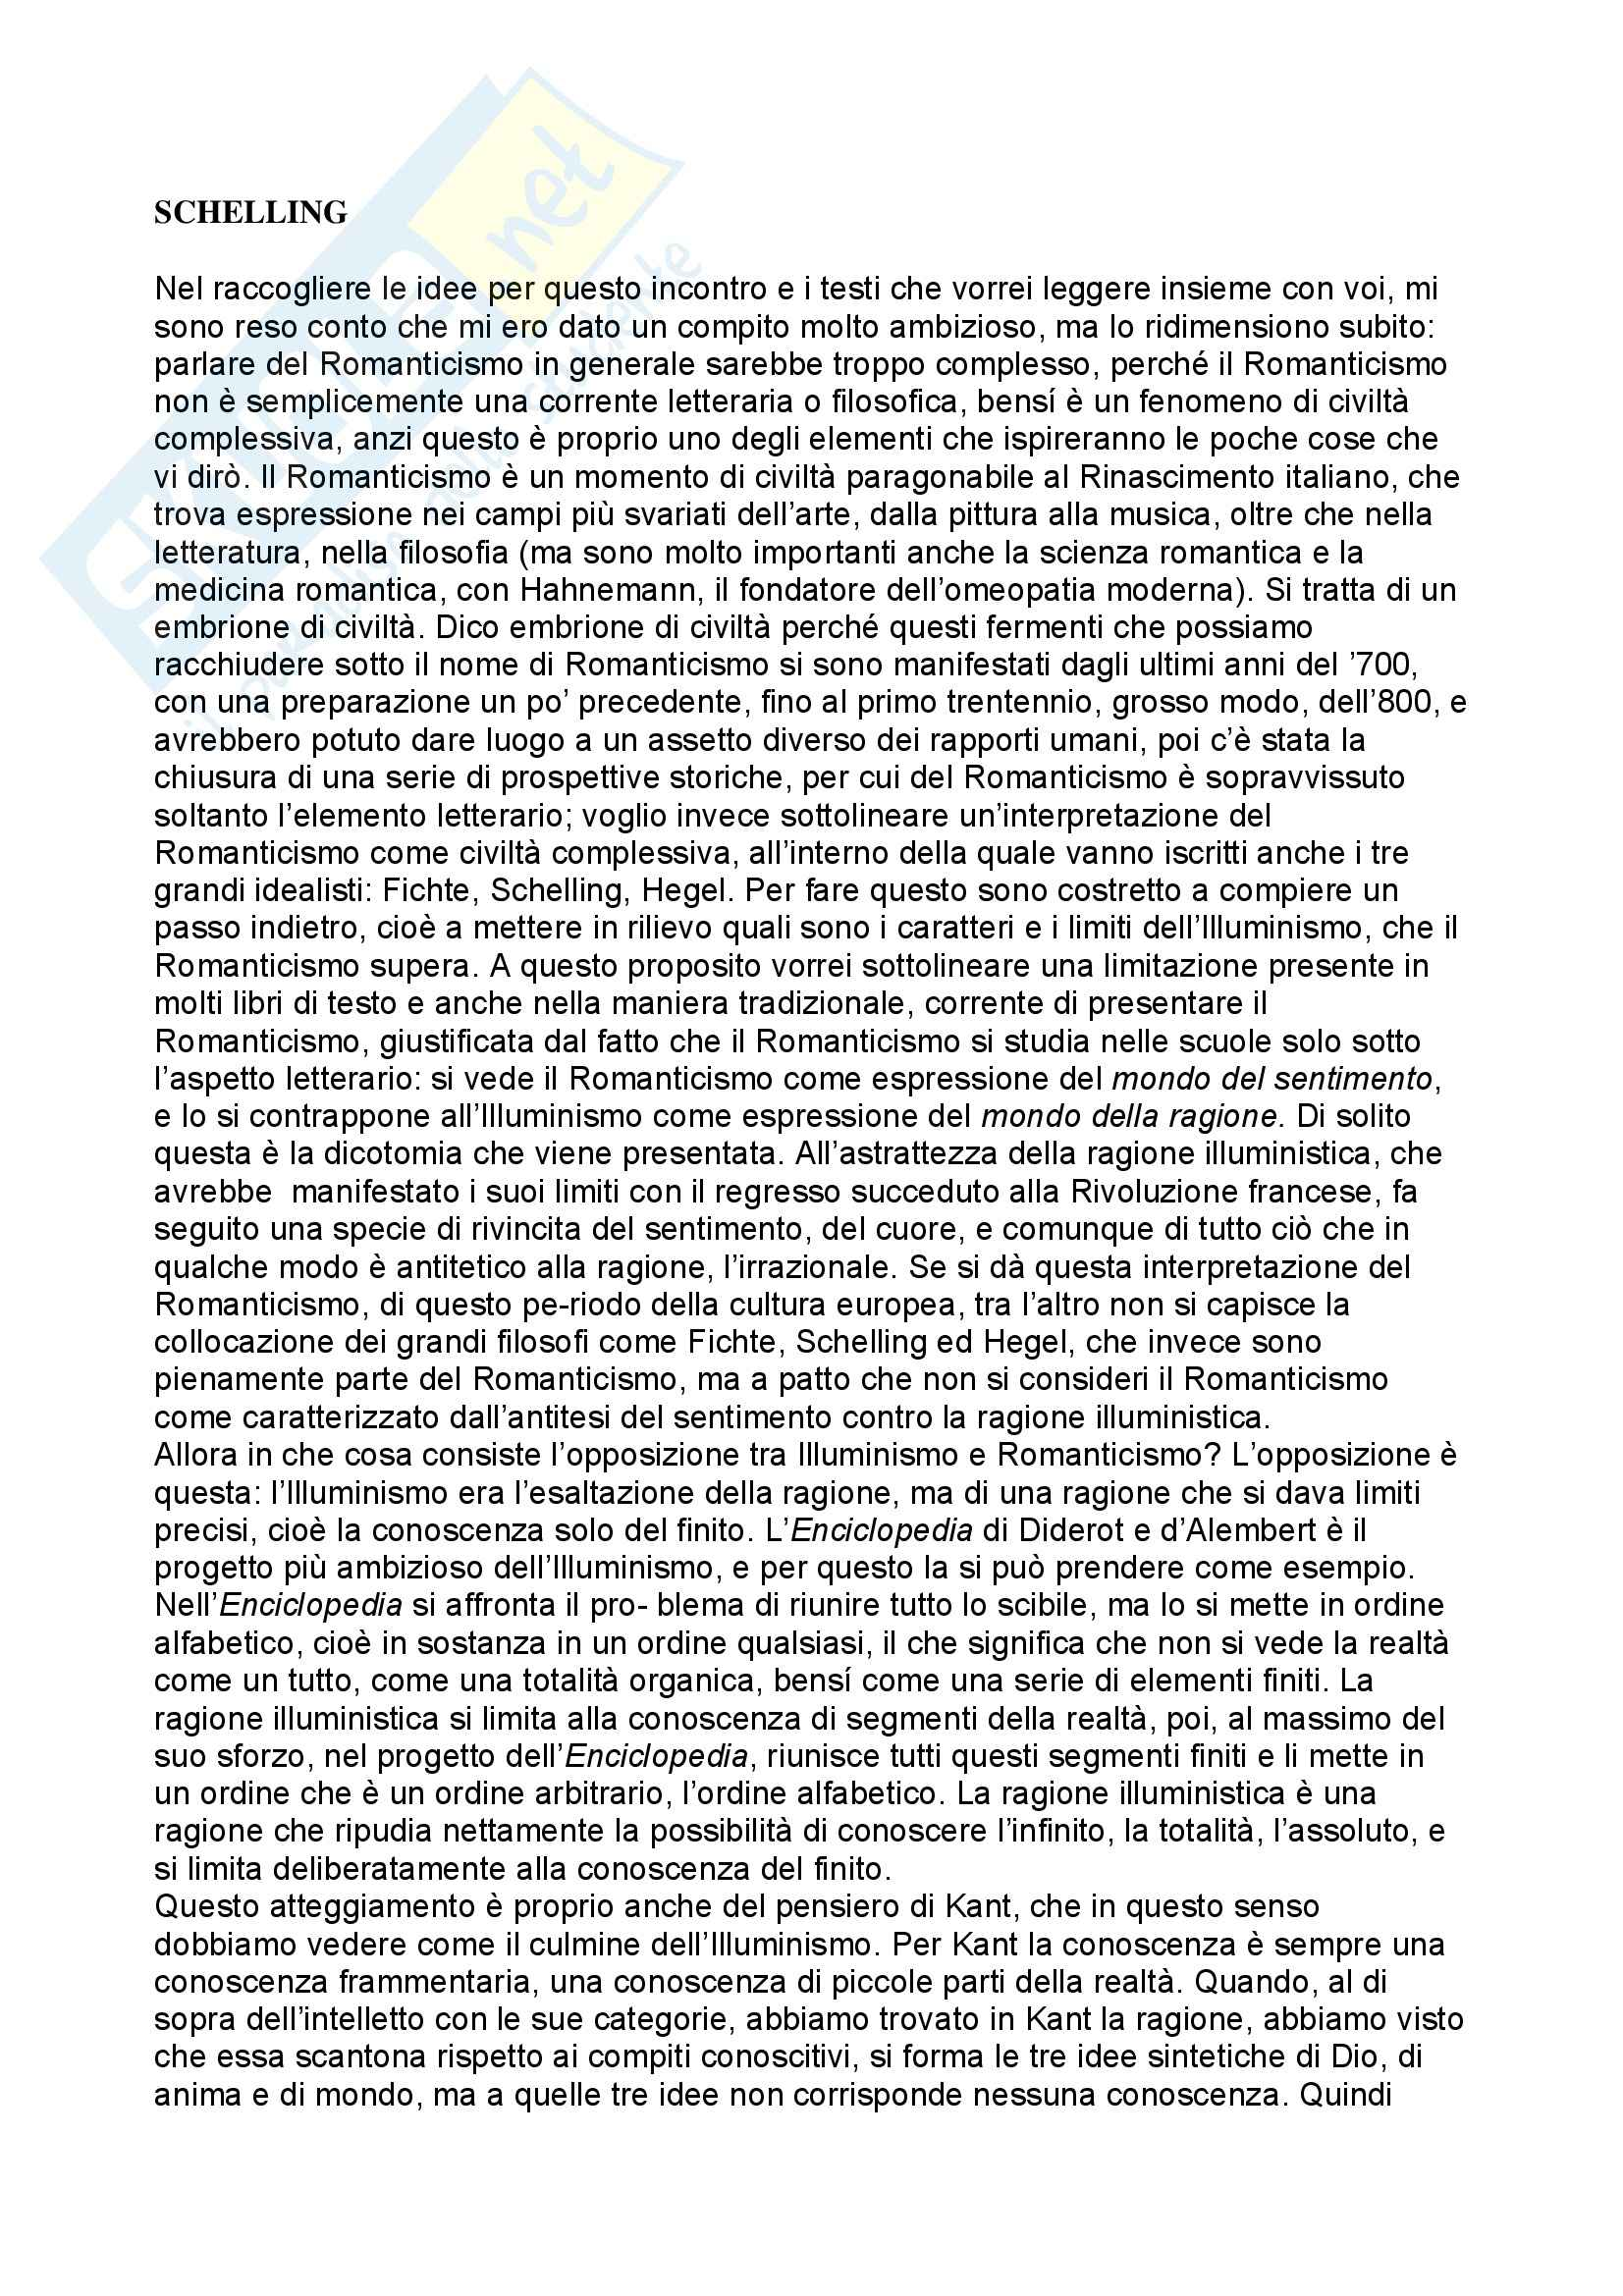 Storia della filosofia - Appunti